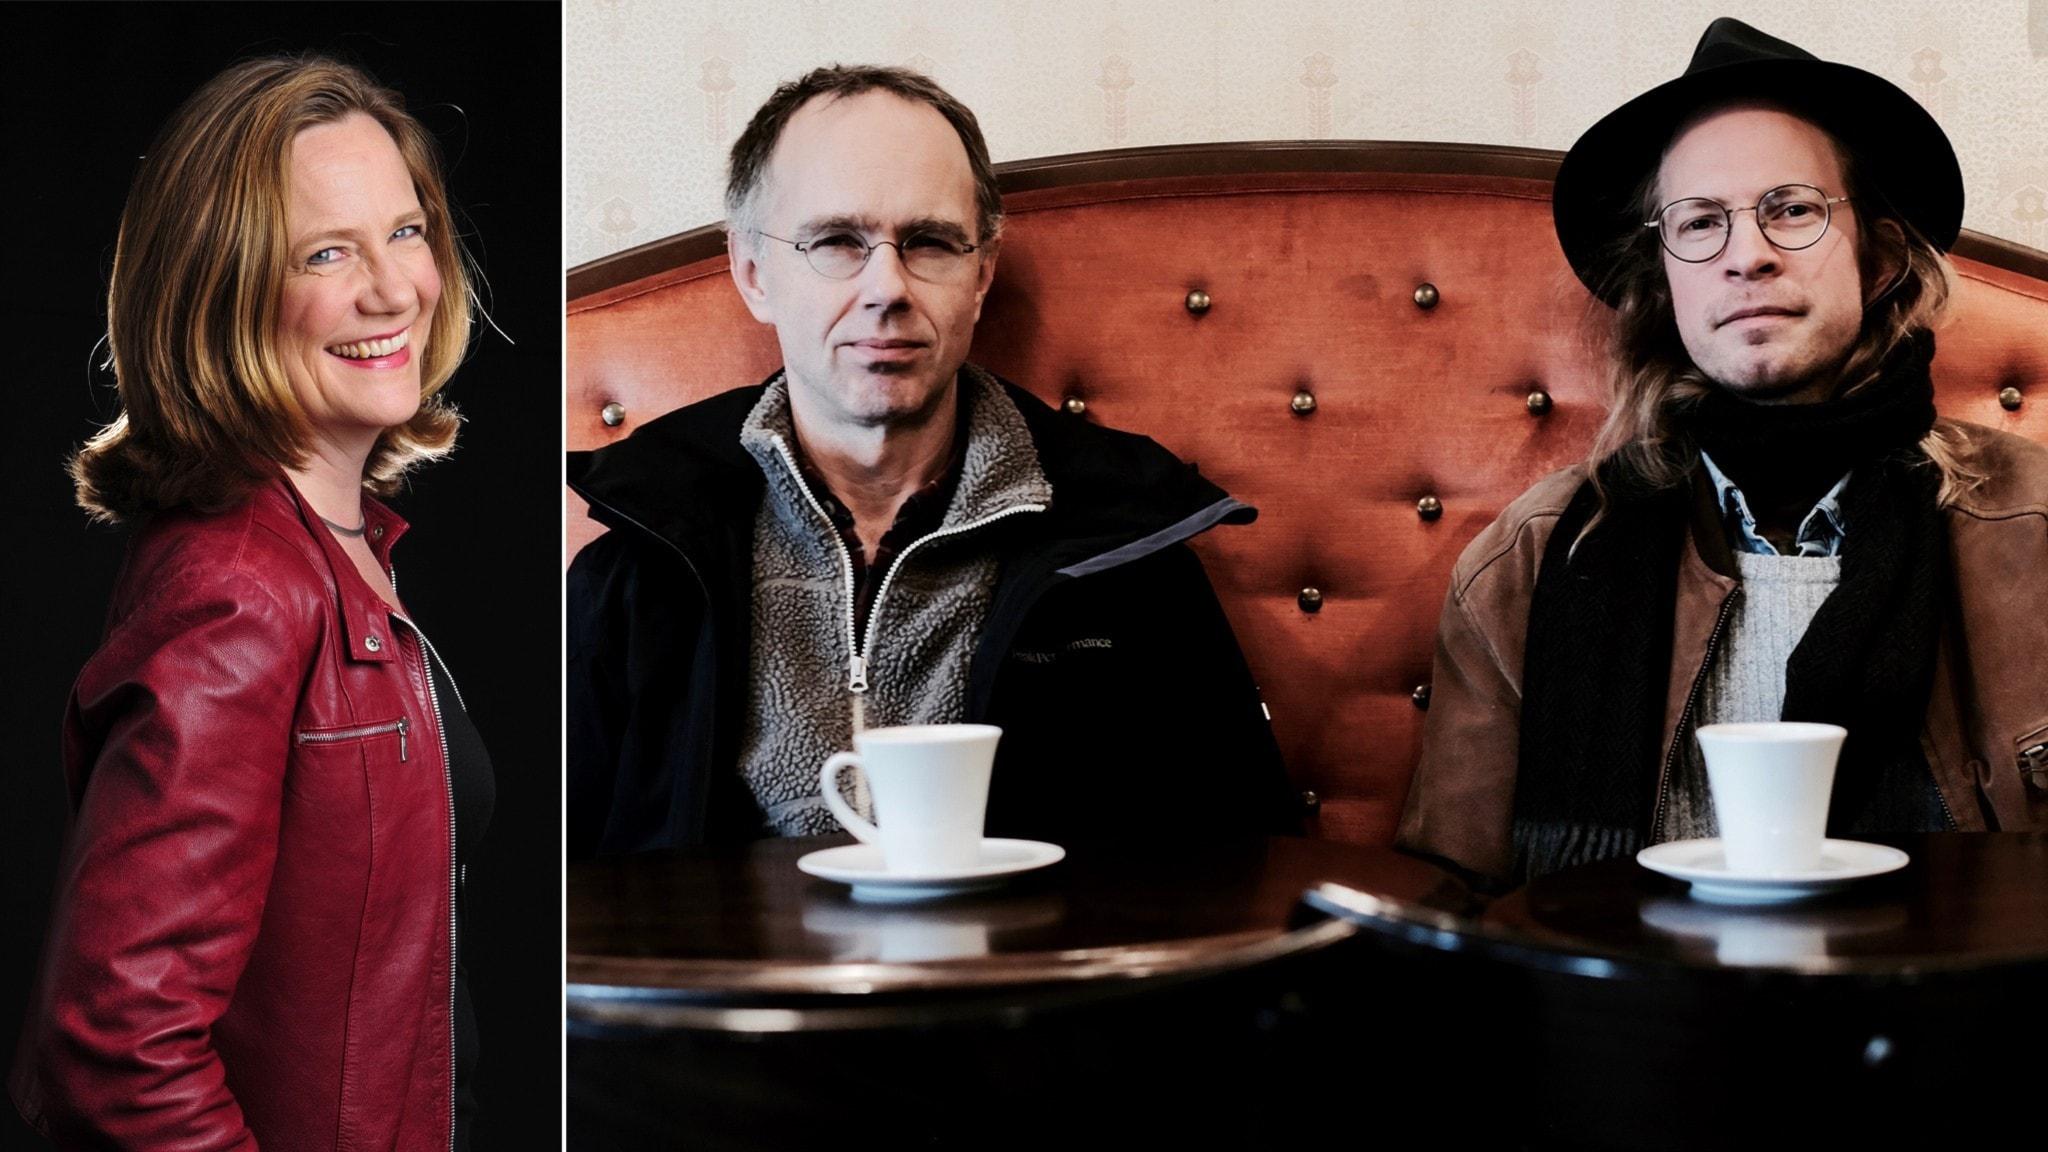 DIREKT: Fransk barockmusik med svenska utblickar